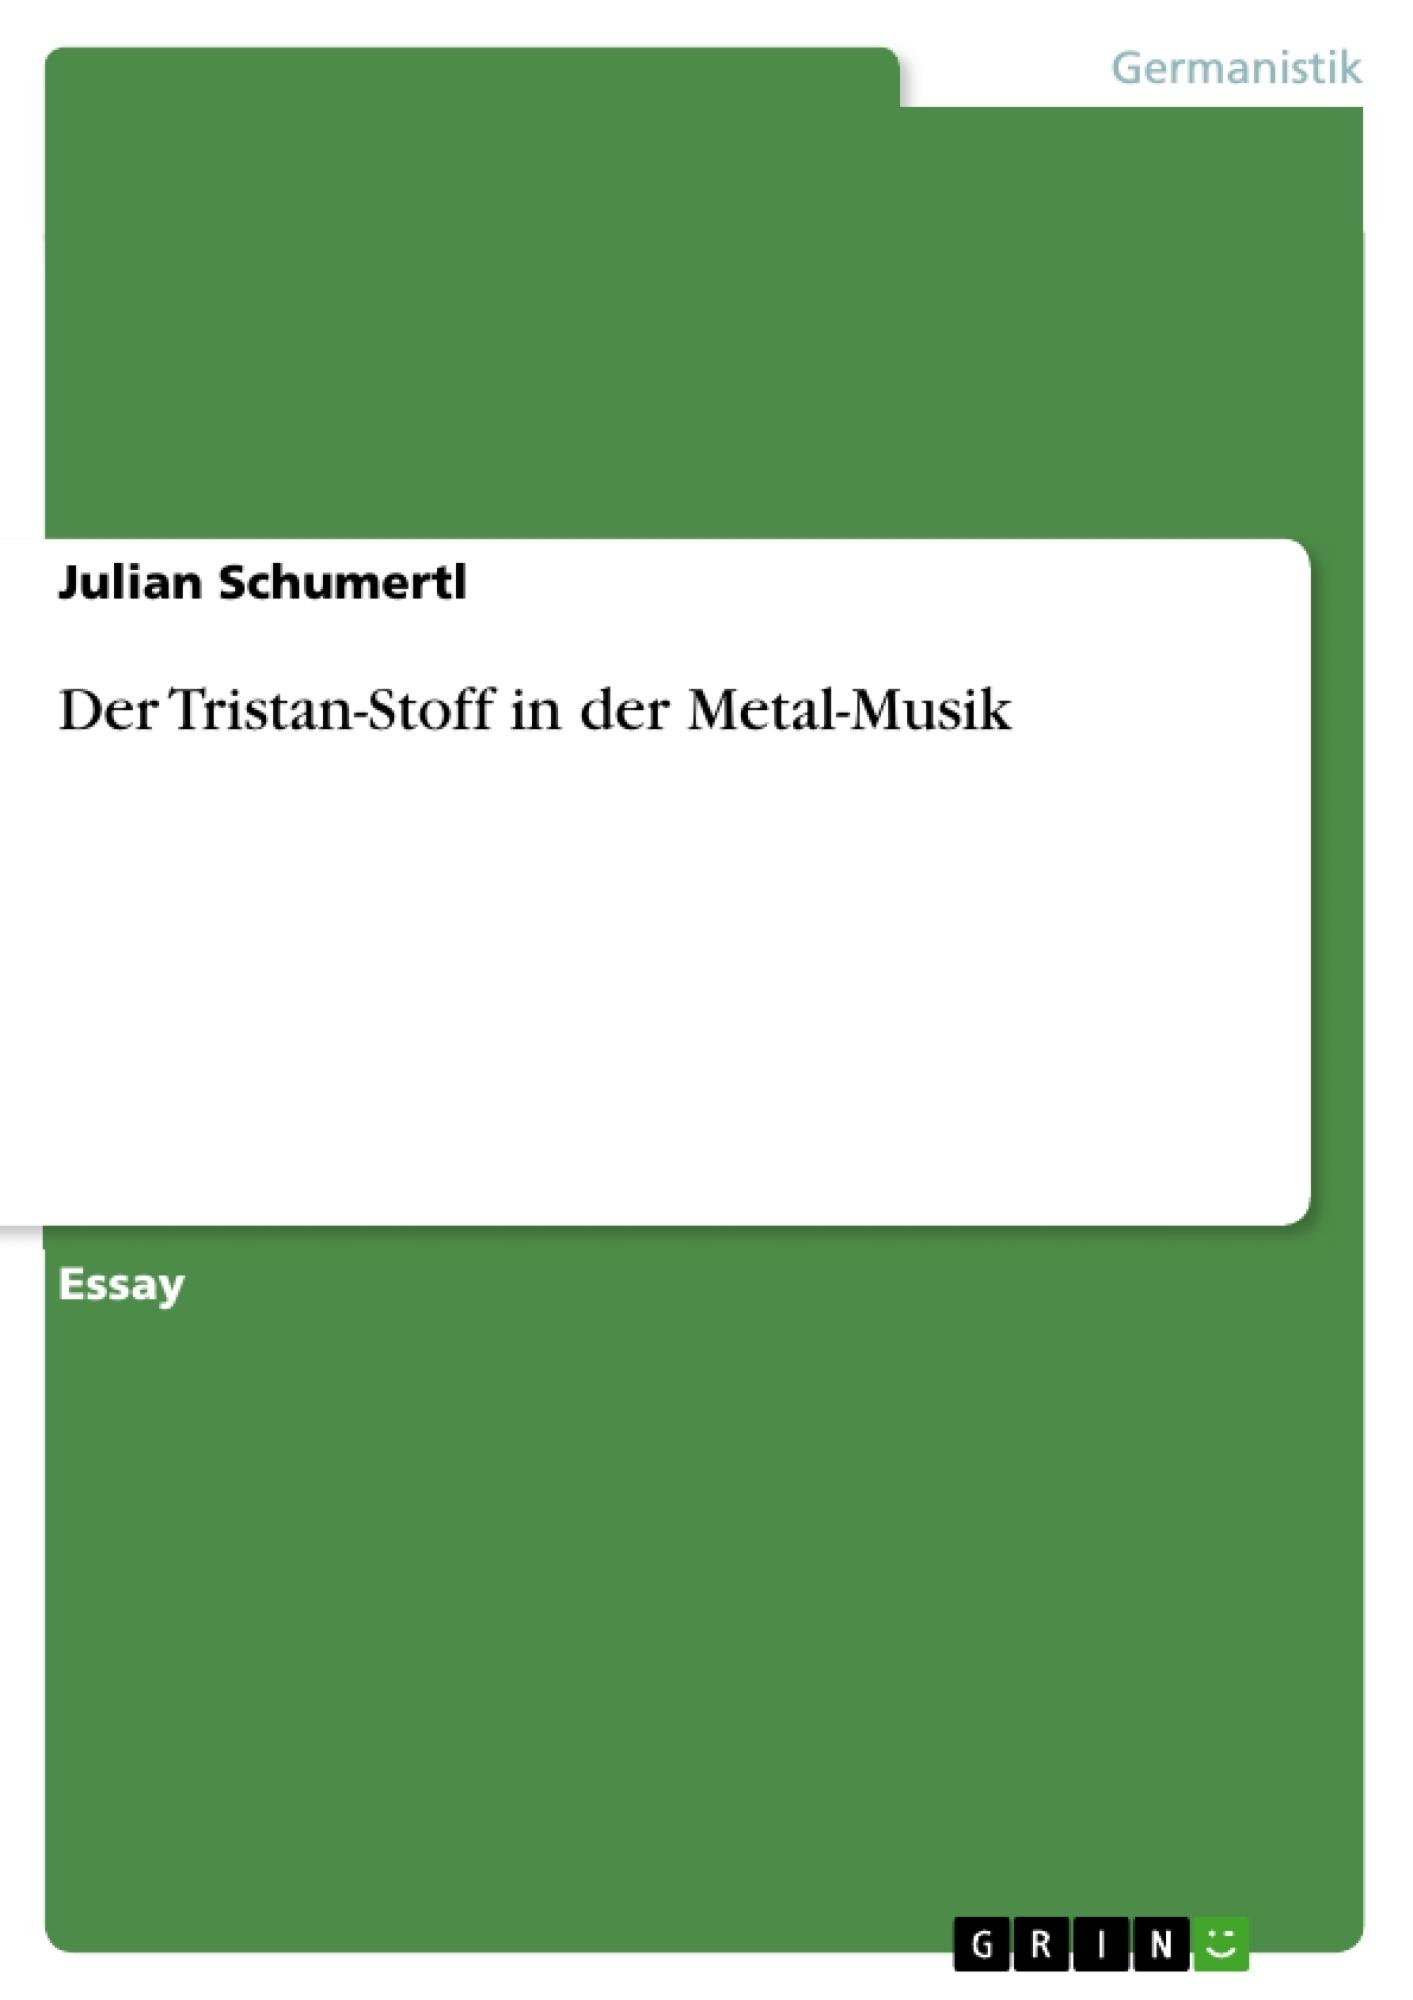 Titel: Der Tristan-Stoff in der Metal-Musik